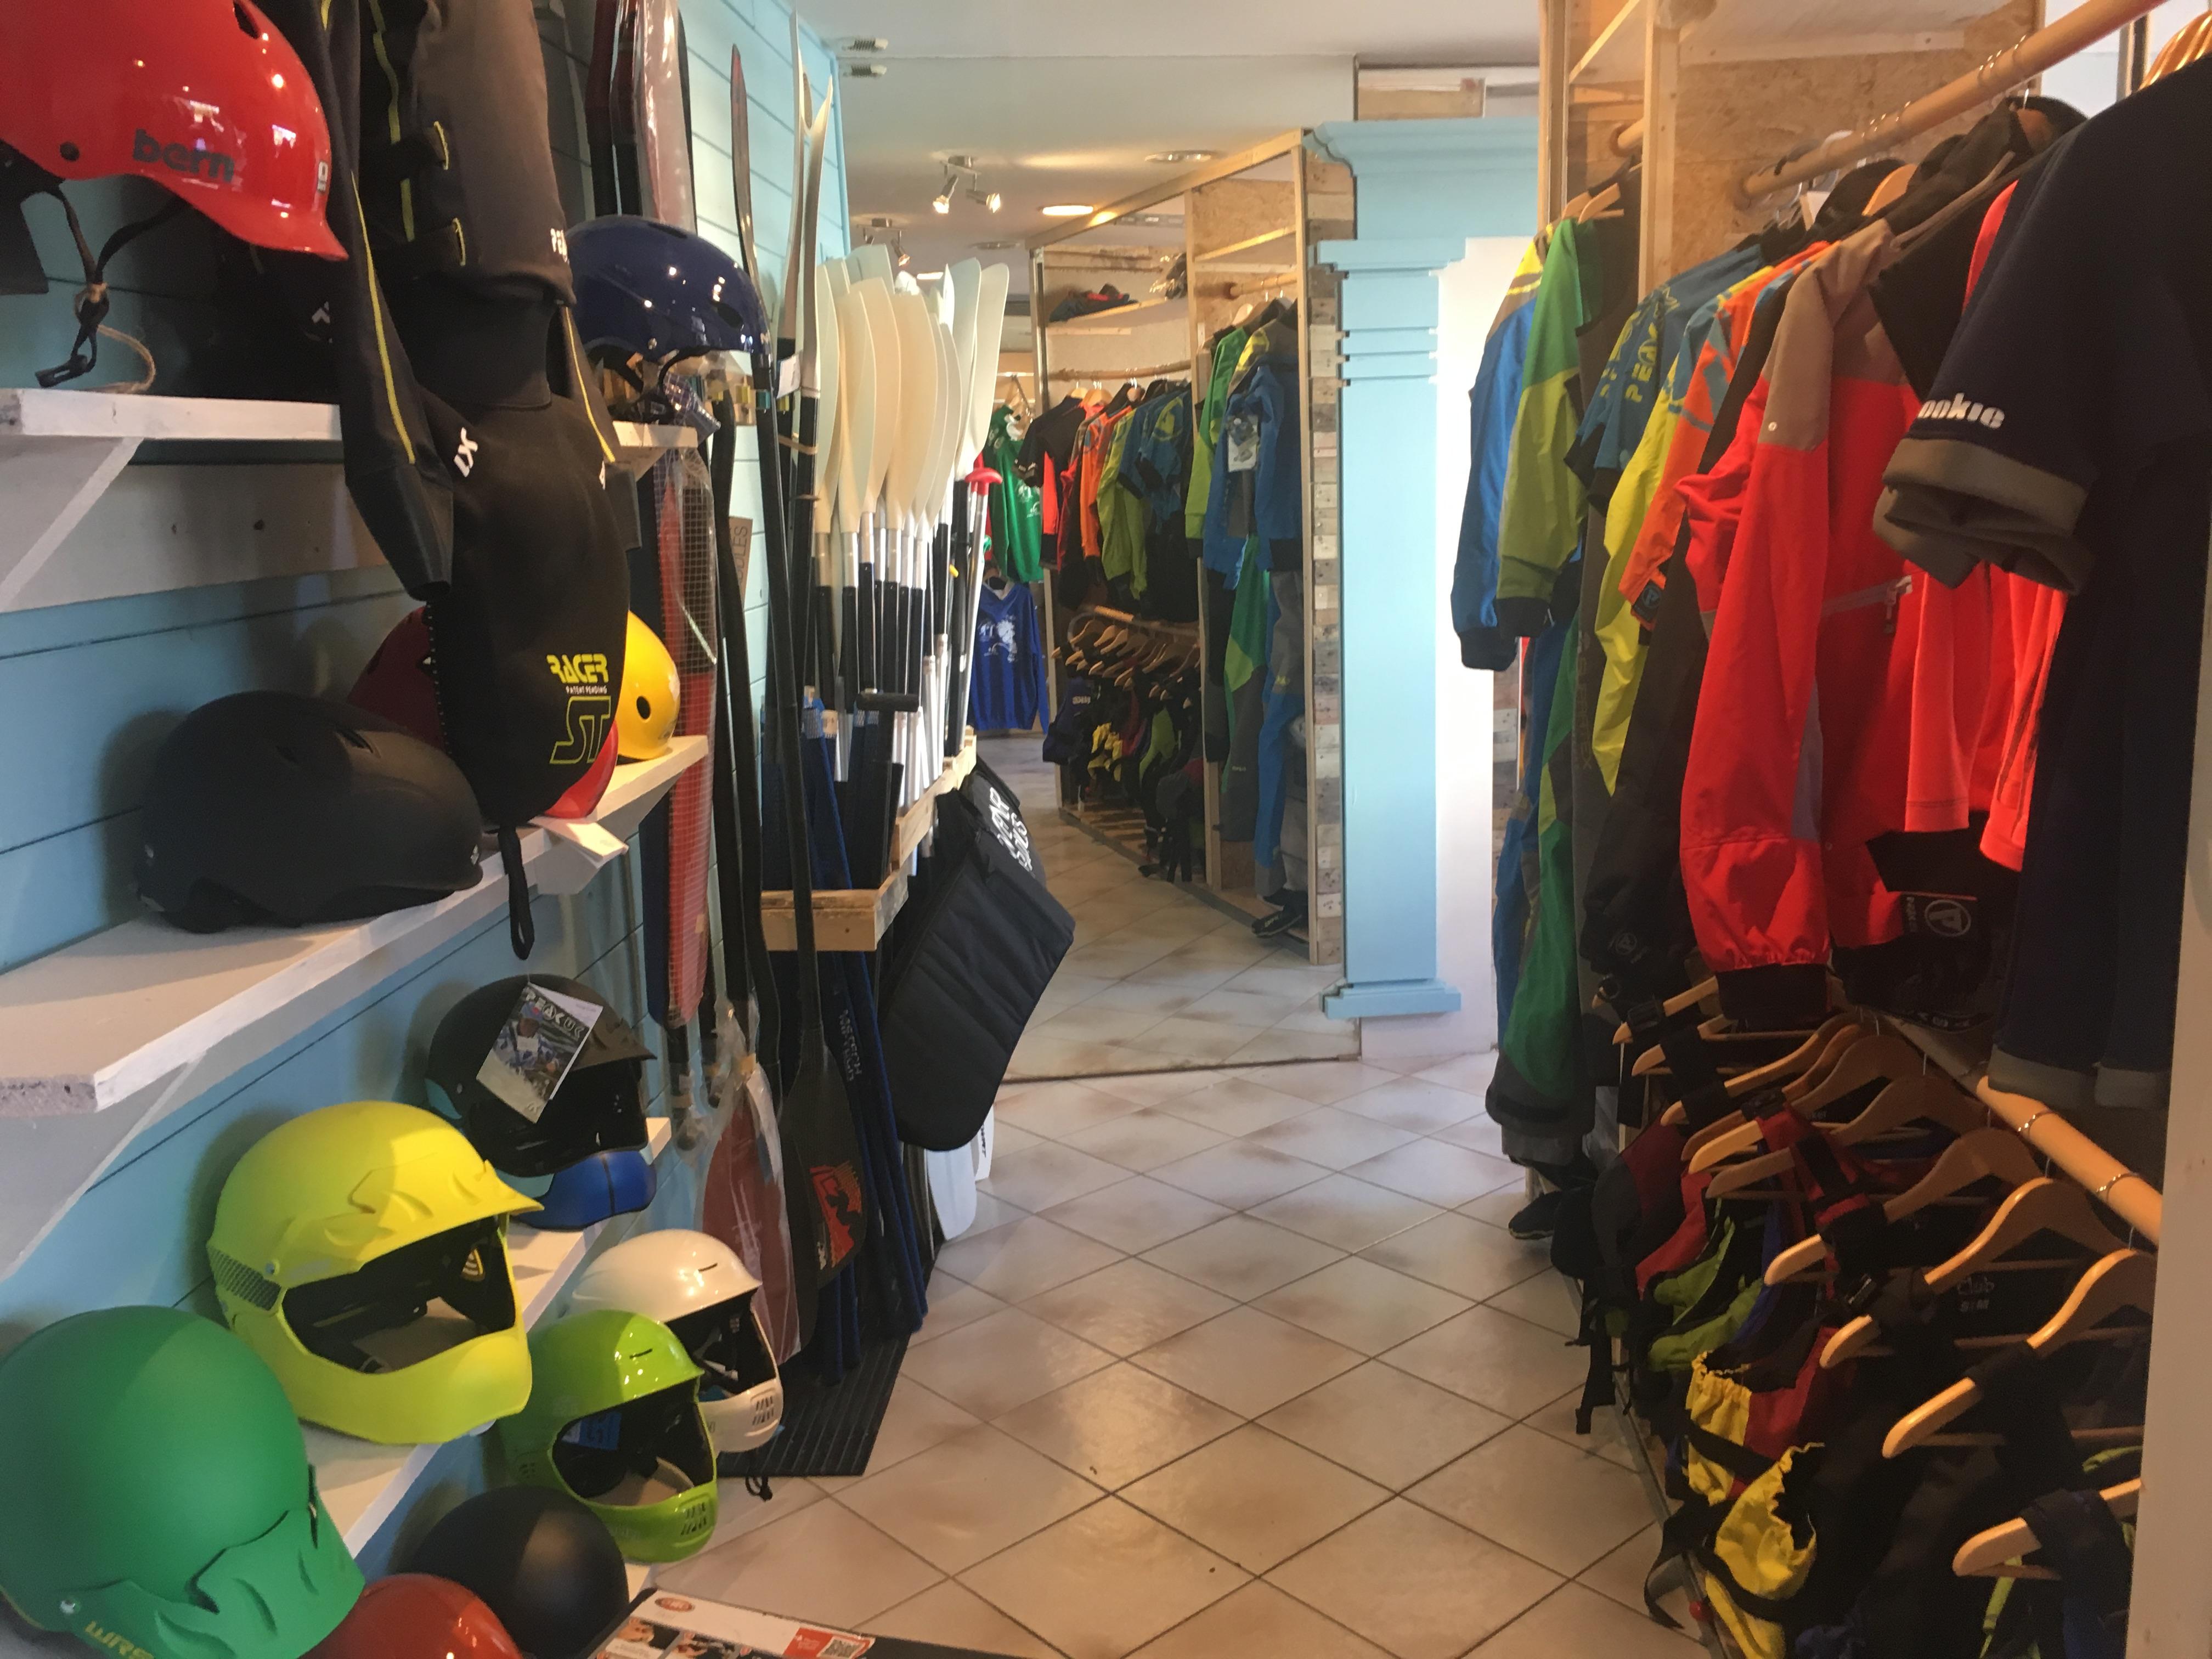 La zone équipement, anorak, kway, gilet, drysuit, casques, pagaies et tout le reste ...